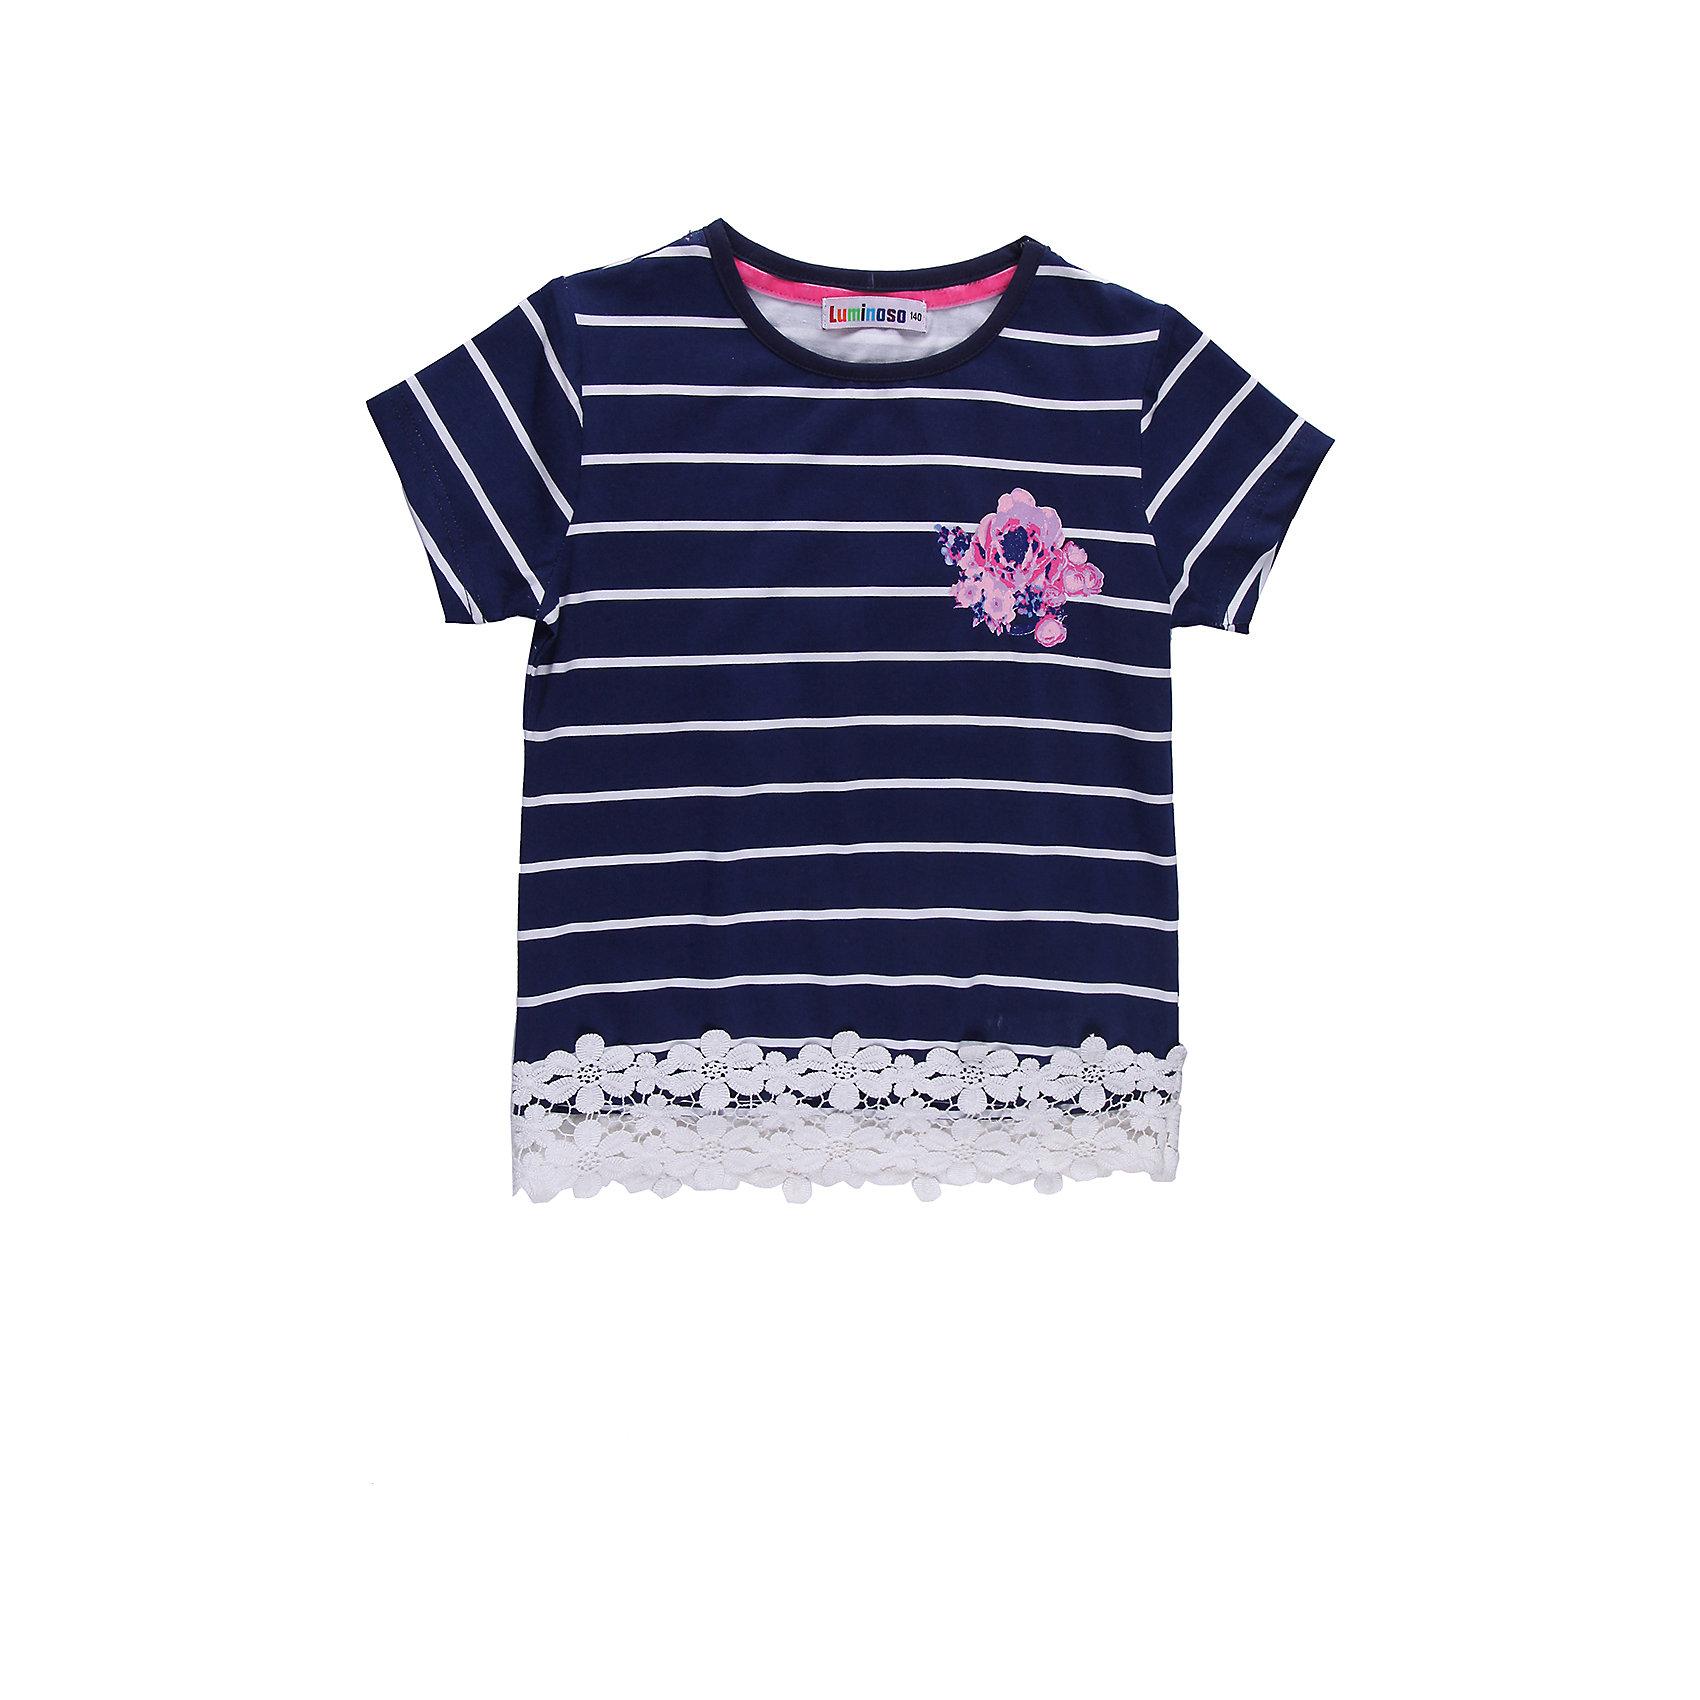 Футболка для девочки LuminosoПолосатая футболка для девочки. По низу кружево, на полочке принт с глитером.<br>Состав:<br>95% хлопок, 5% эластан<br><br>Ширина мм: 199<br>Глубина мм: 10<br>Высота мм: 161<br>Вес г: 151<br>Цвет: синий/белый<br>Возраст от месяцев: 144<br>Возраст до месяцев: 156<br>Пол: Женский<br>Возраст: Детский<br>Размер: 158,134,164,140,146,152<br>SKU: 4521625